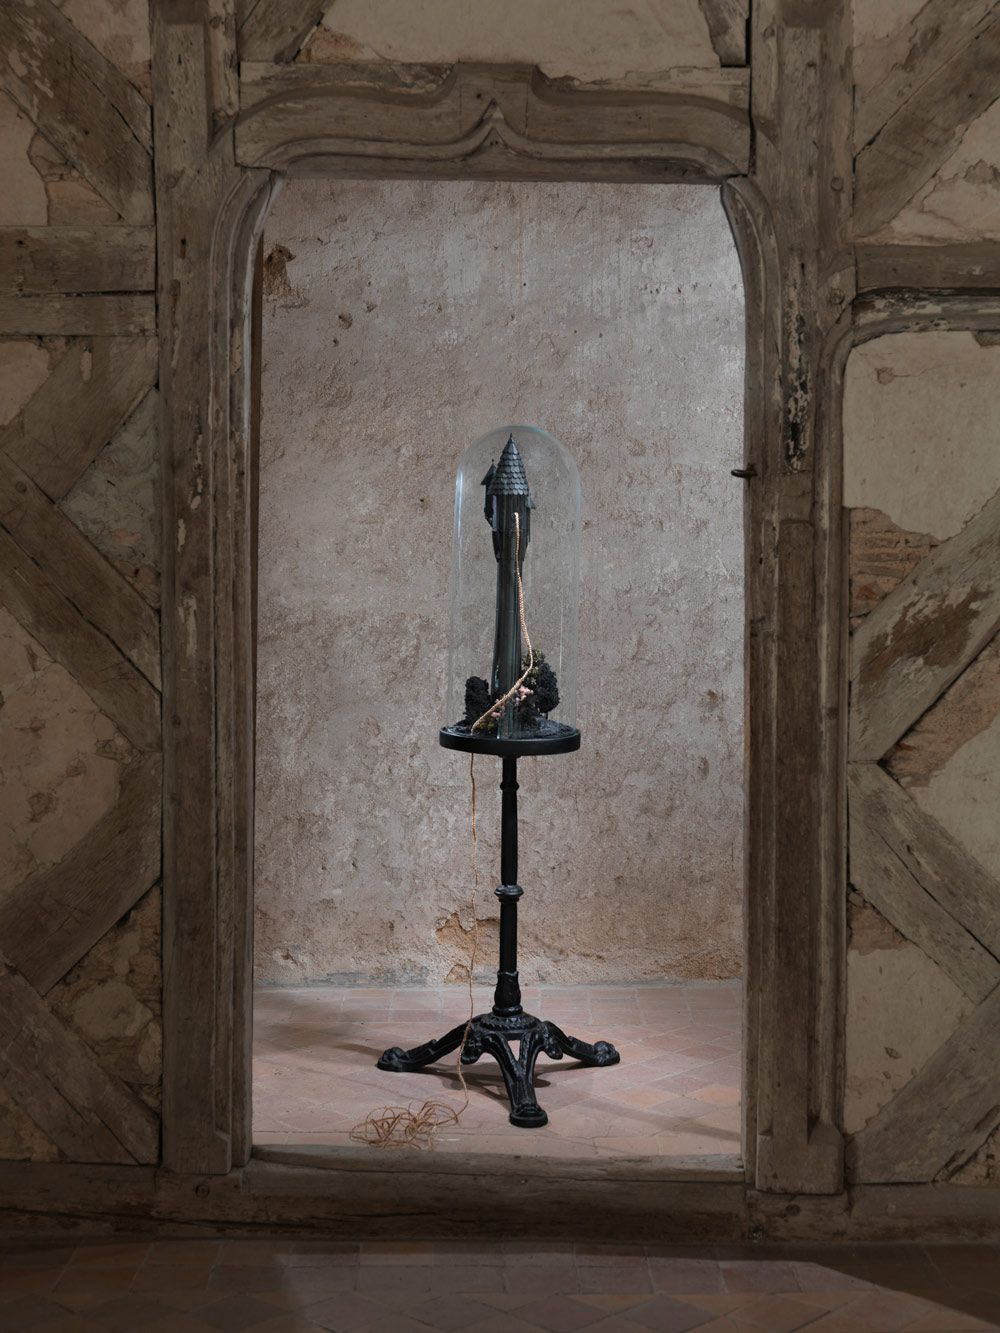 bourdarel-katia_mother-knows-best_installation-sculpture_bois-verre-cheveux-pieds-en-fonte_130x60x60-cm_courtesy-galerie-eva-hober-paris